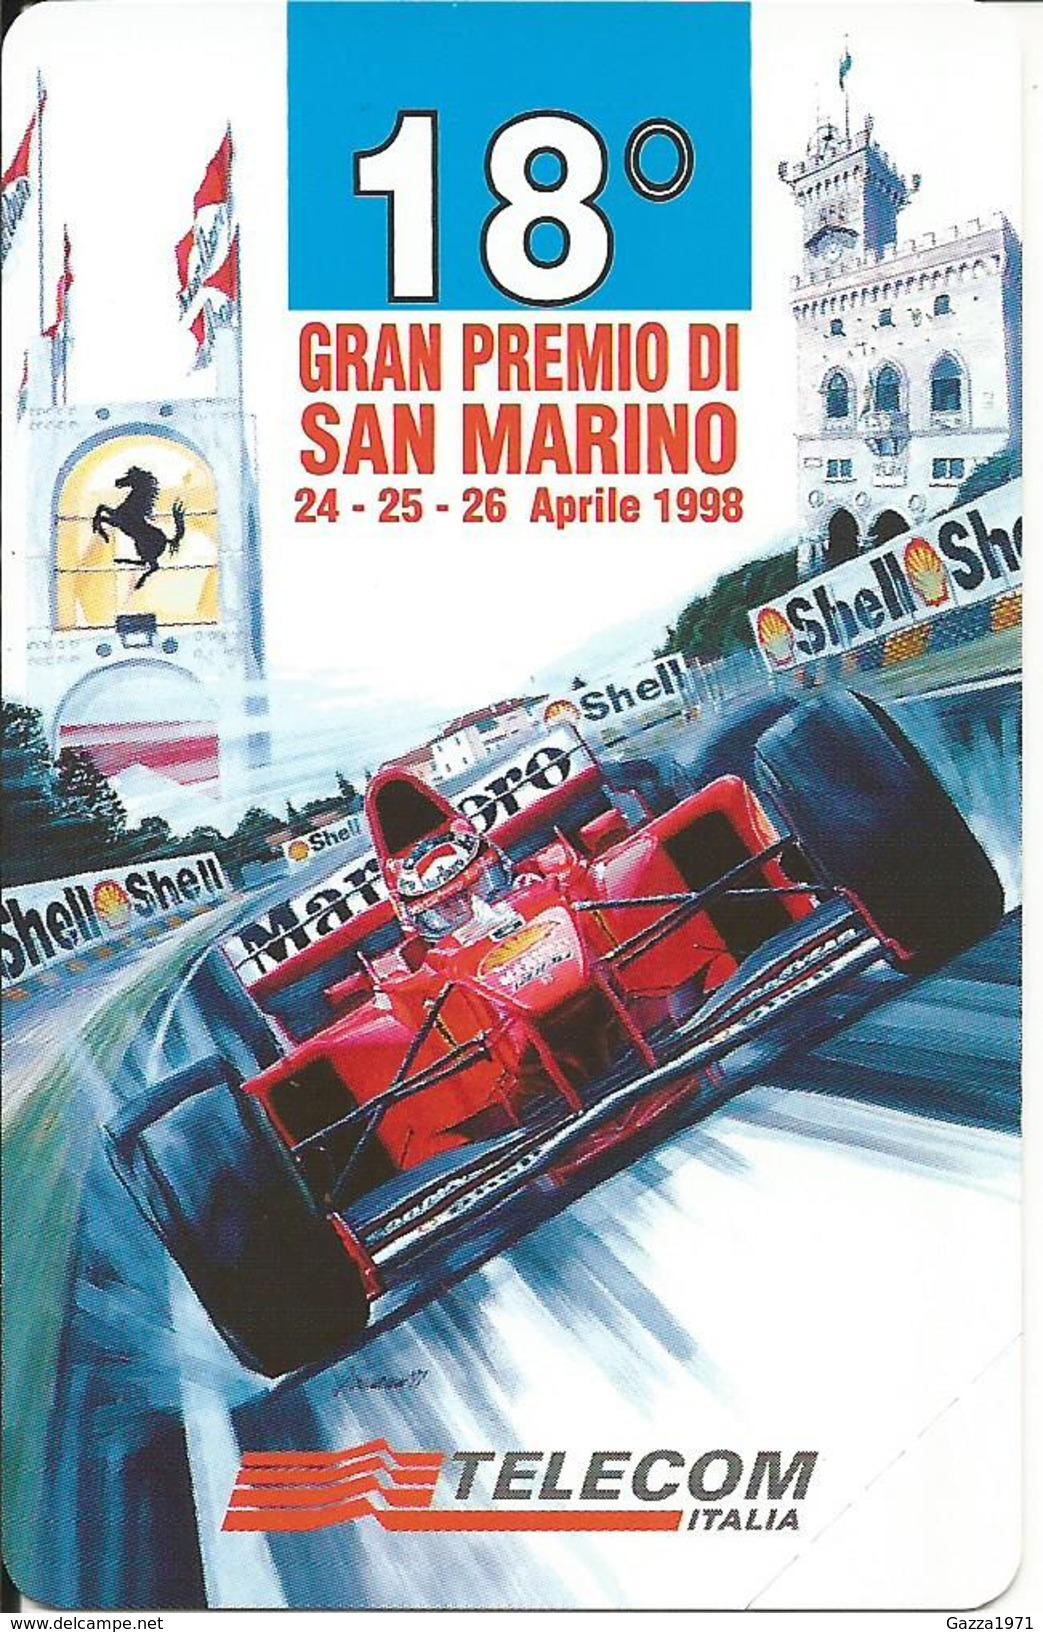 Italia, Automobilismo, Telecom Nuova, 18° Gran Premio Di San Marino 24/26 Aprile 1998. Valore Nominale 10.000 Lire. - Pubbliche Speciali O Commemorative